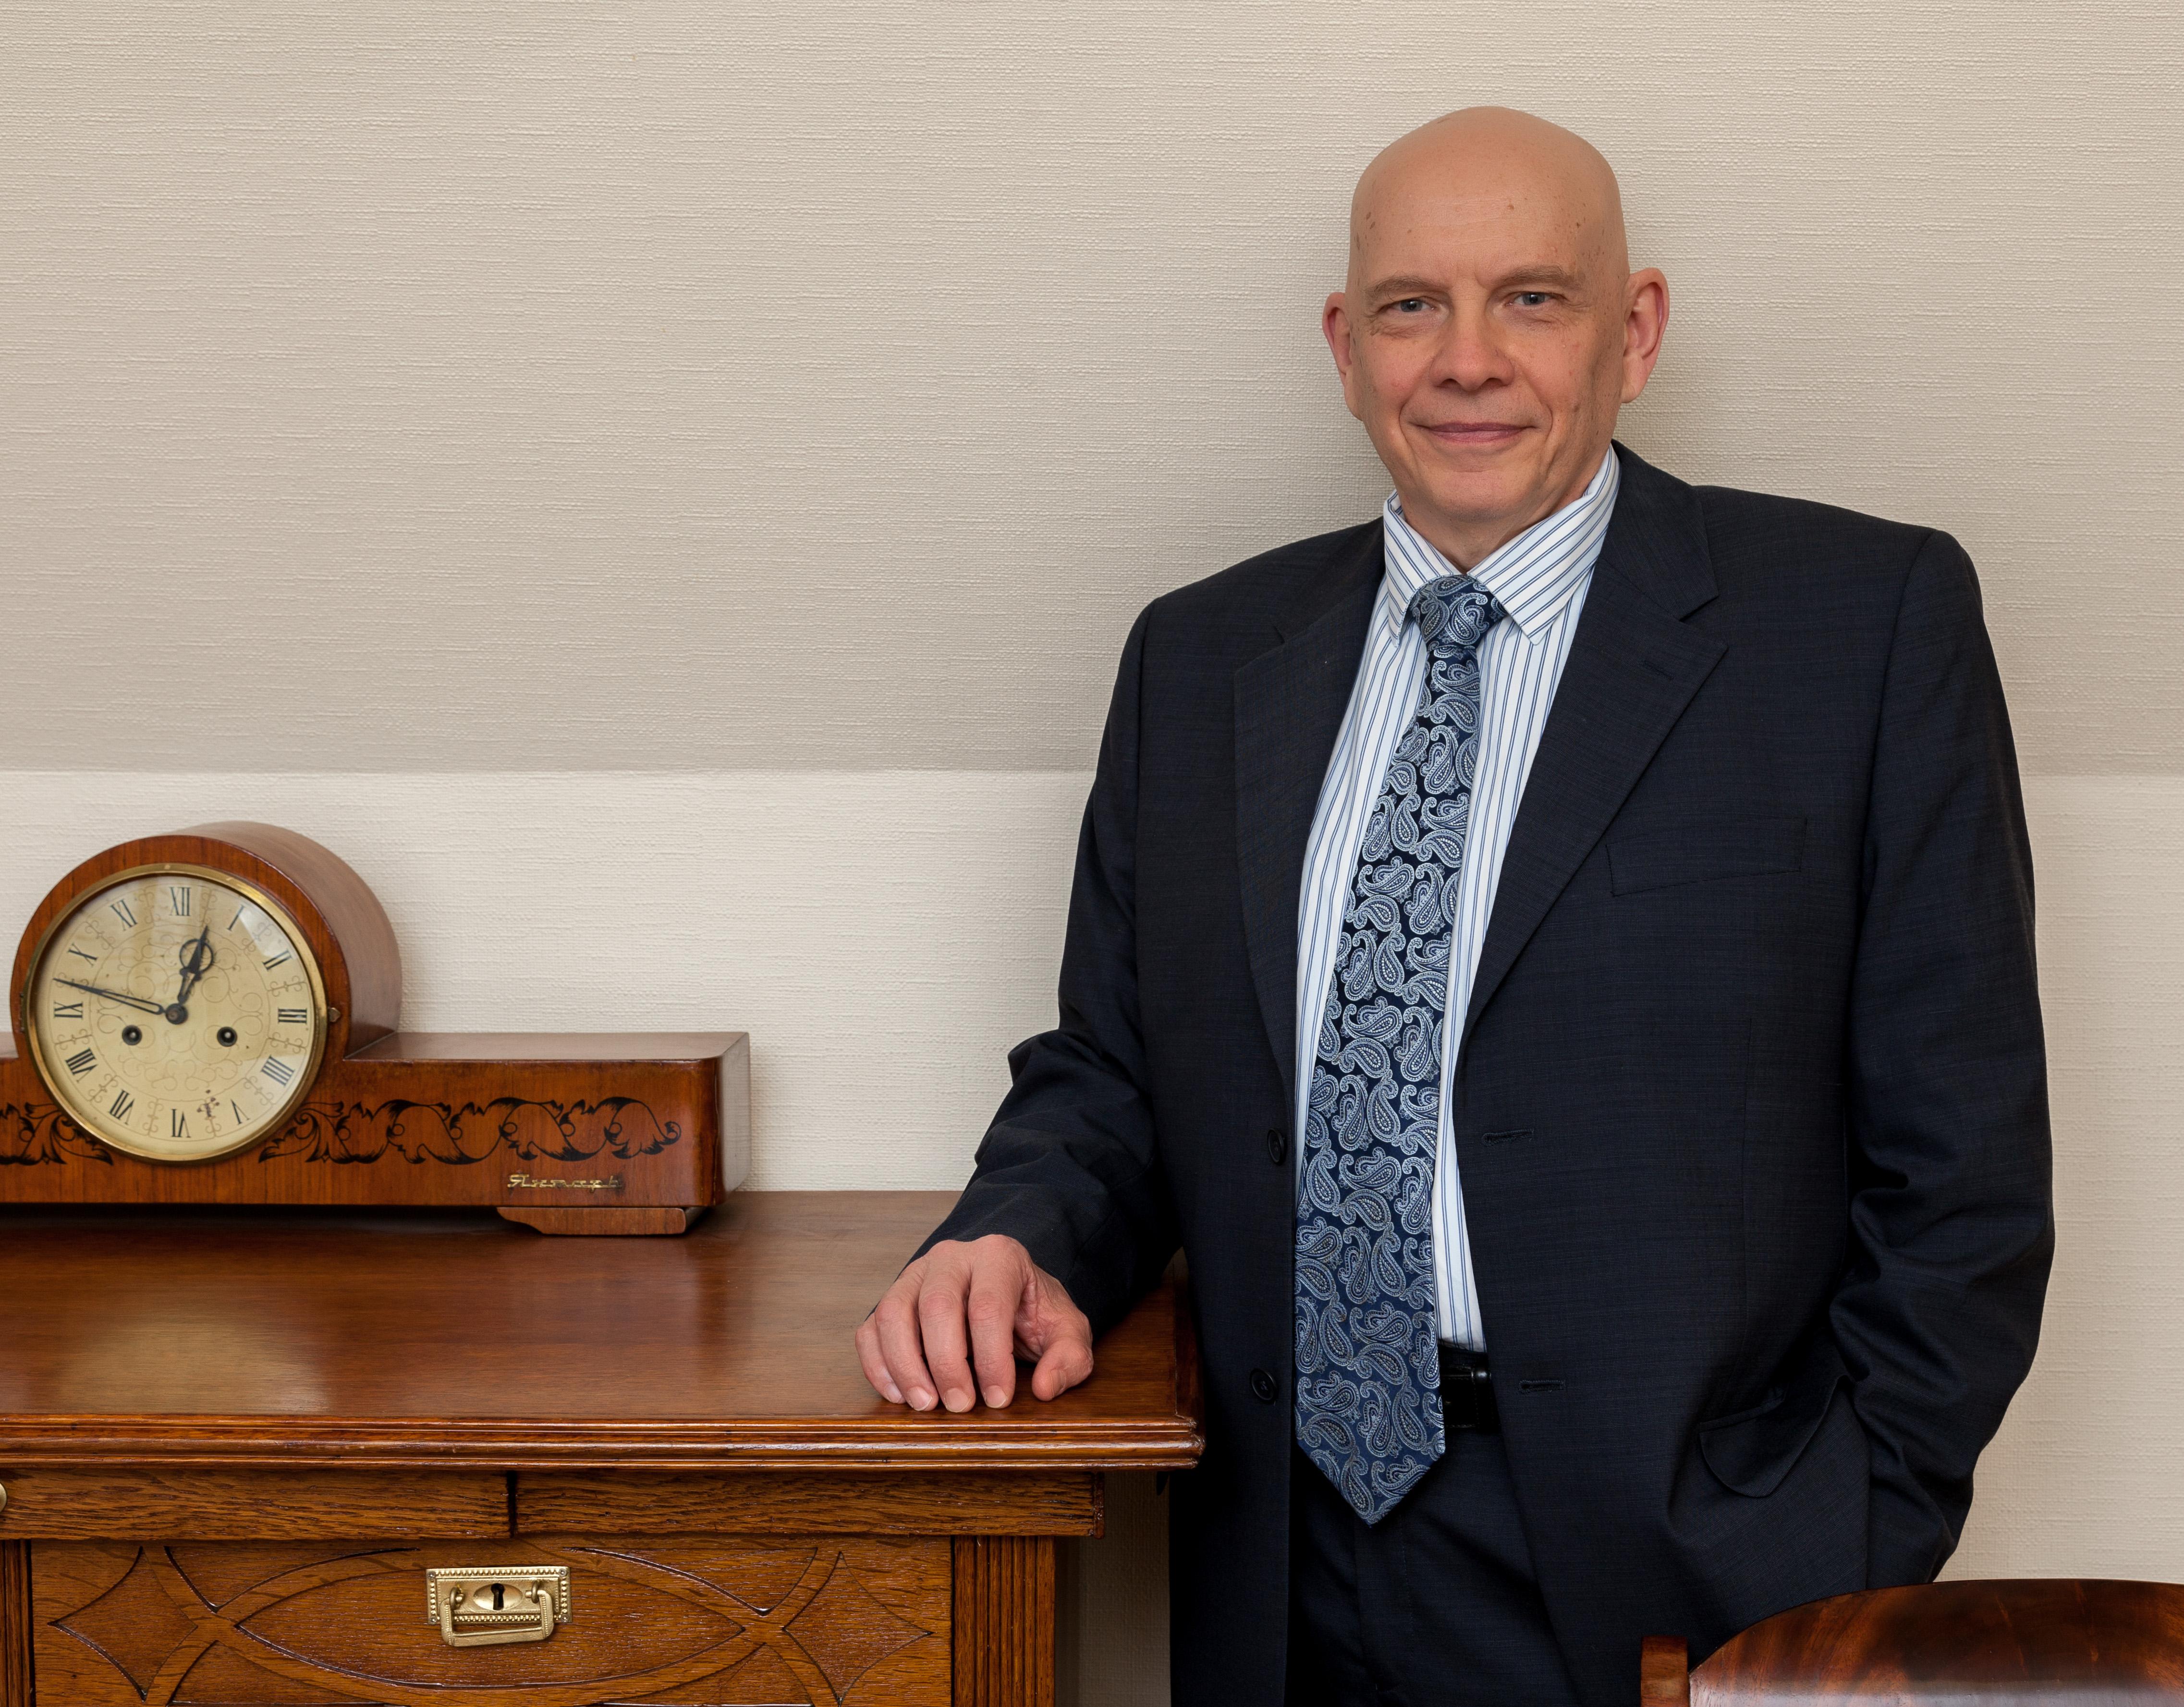 Яков Марков, генеральный директор и основатель ИК ДОХОДЪ